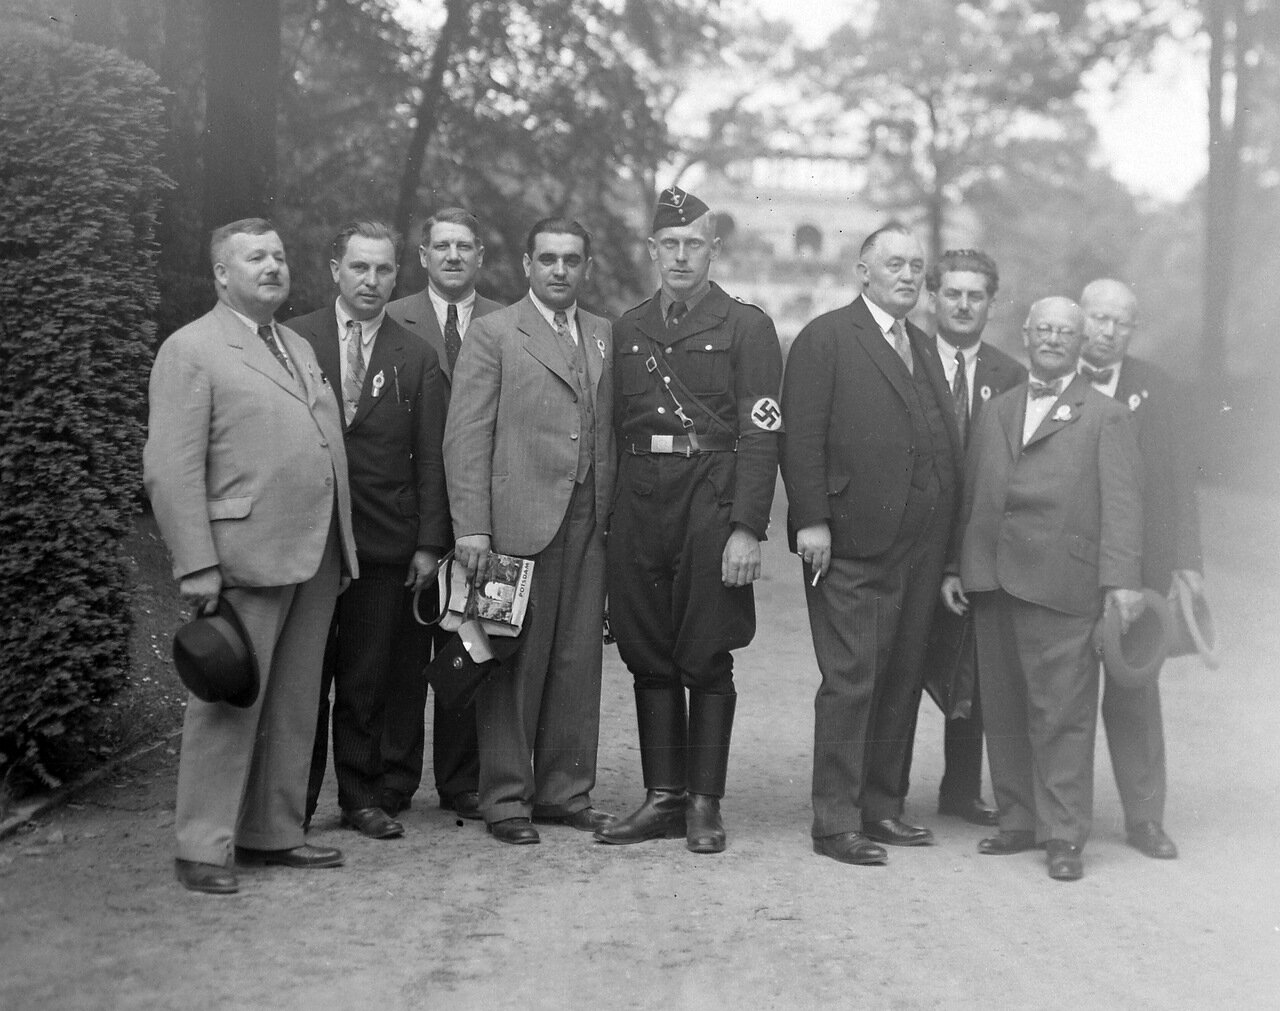 1935. Потсдам, Замковый парк Сан-Суси на фоне Оранжерии